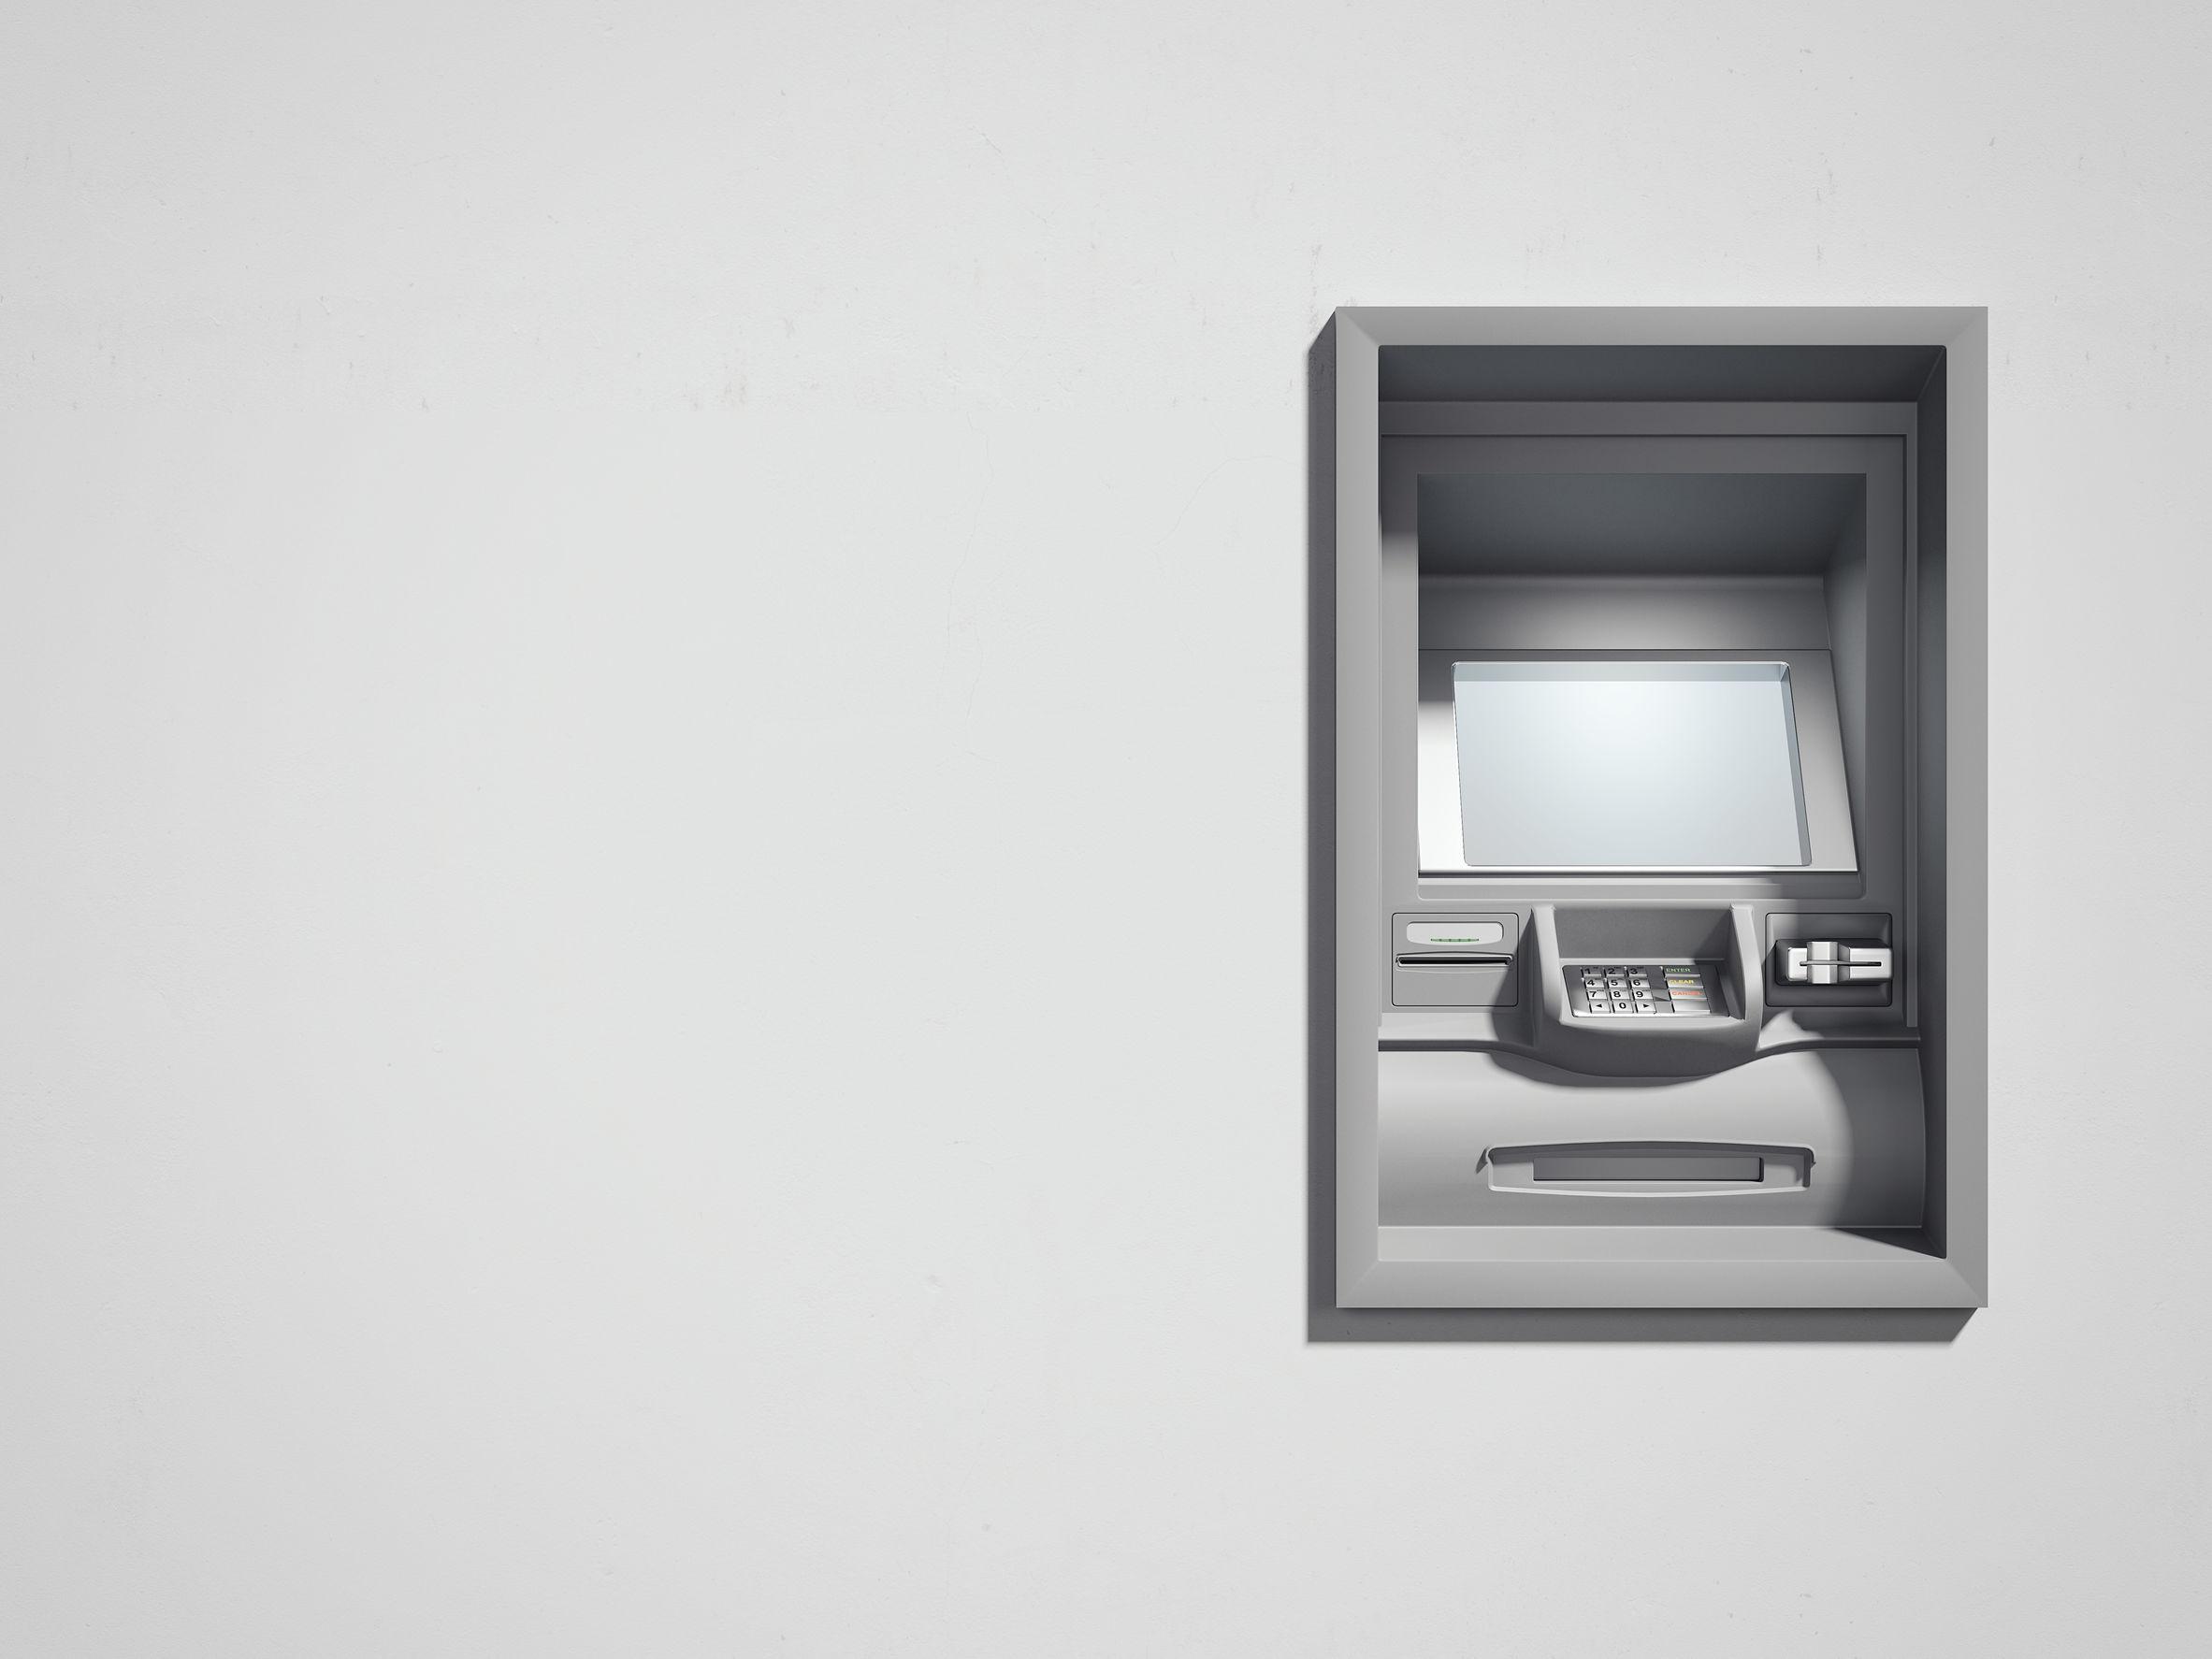 Berapa Sih Maksimal Transfer ATM Mandiri? Yuk Simak Penjelasan Di Bawah Ini Sampai Selesai